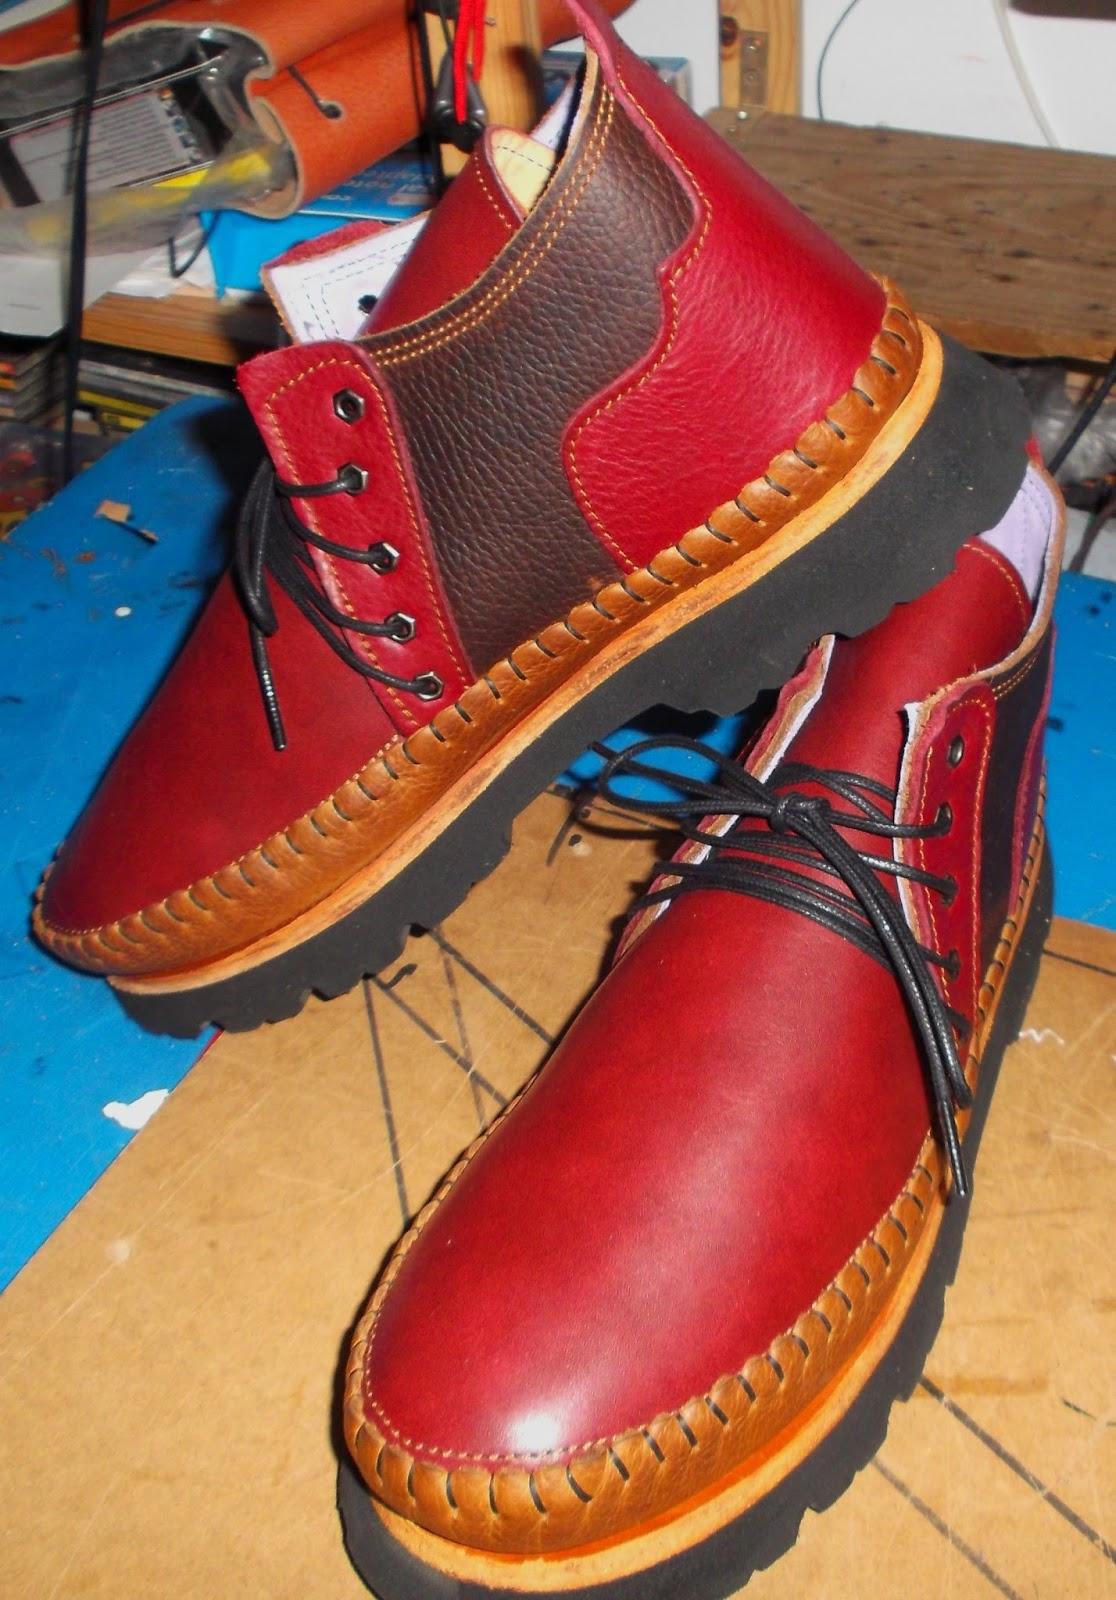 d479e80a985cf ZAPATOS ARTESANALES HOMBRE nº 39 al 45 ~ Zapatos Artisticos Kris